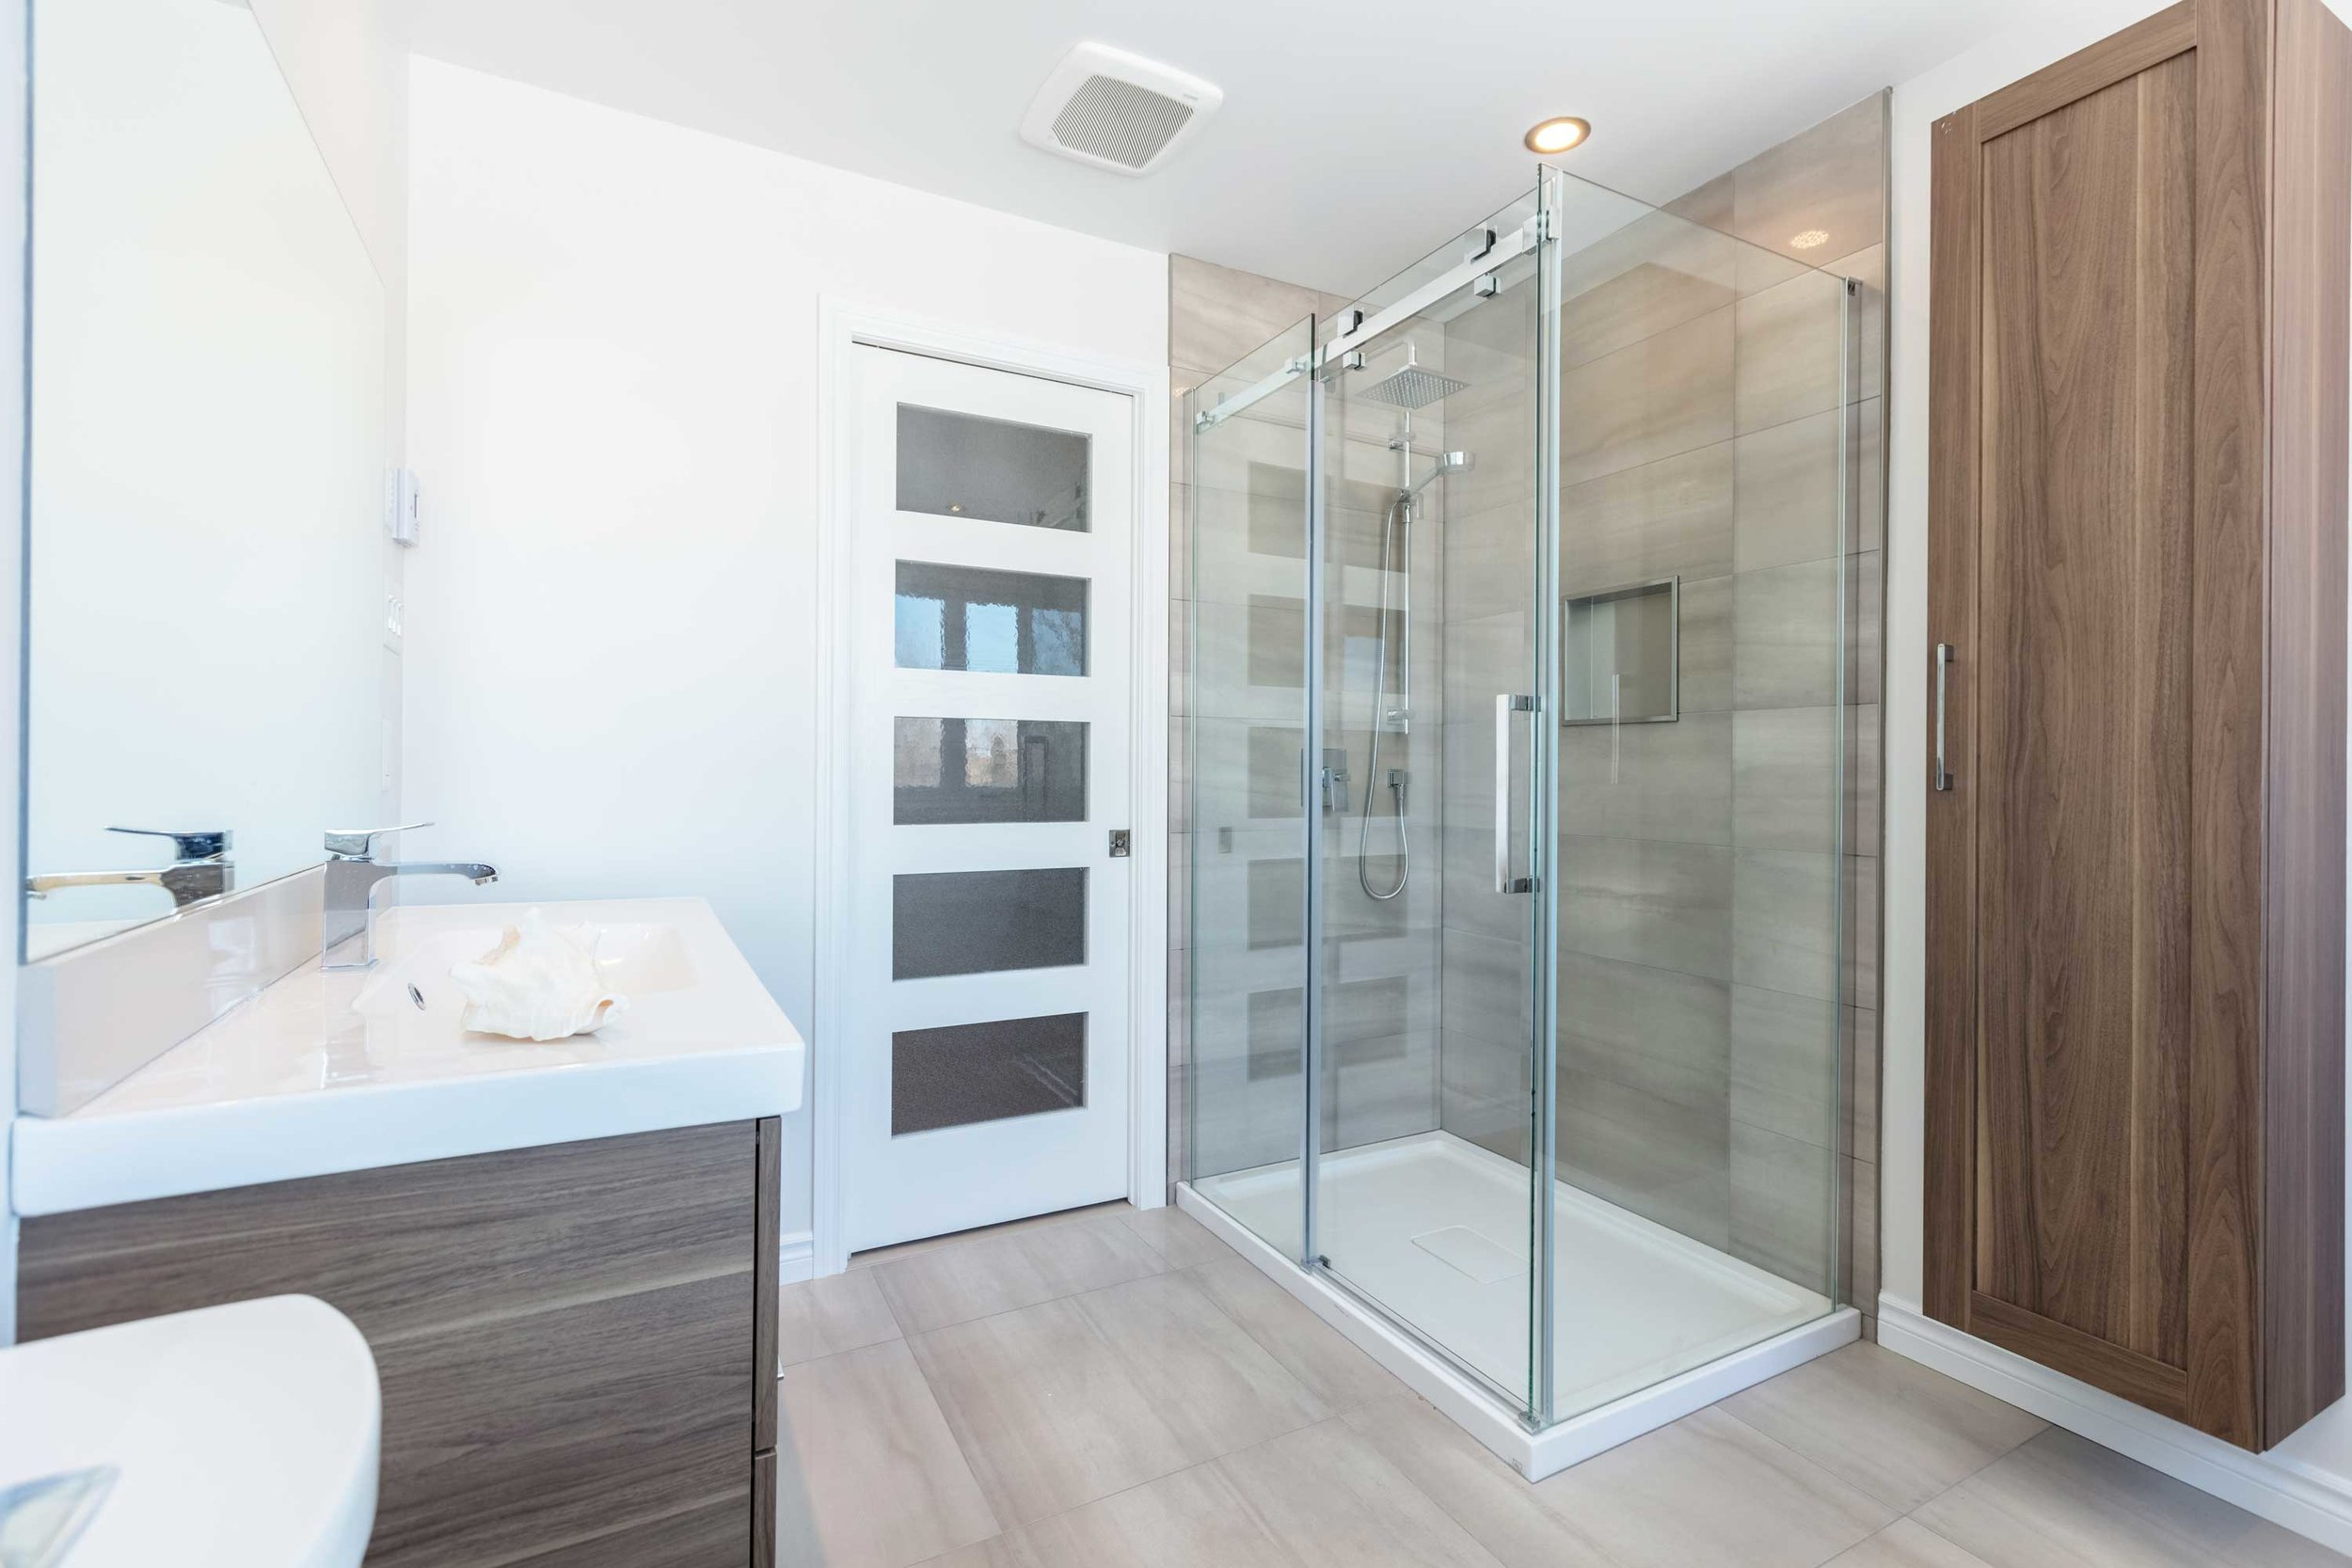 renovation-Salle-de-bain-M-Plante3.jpg